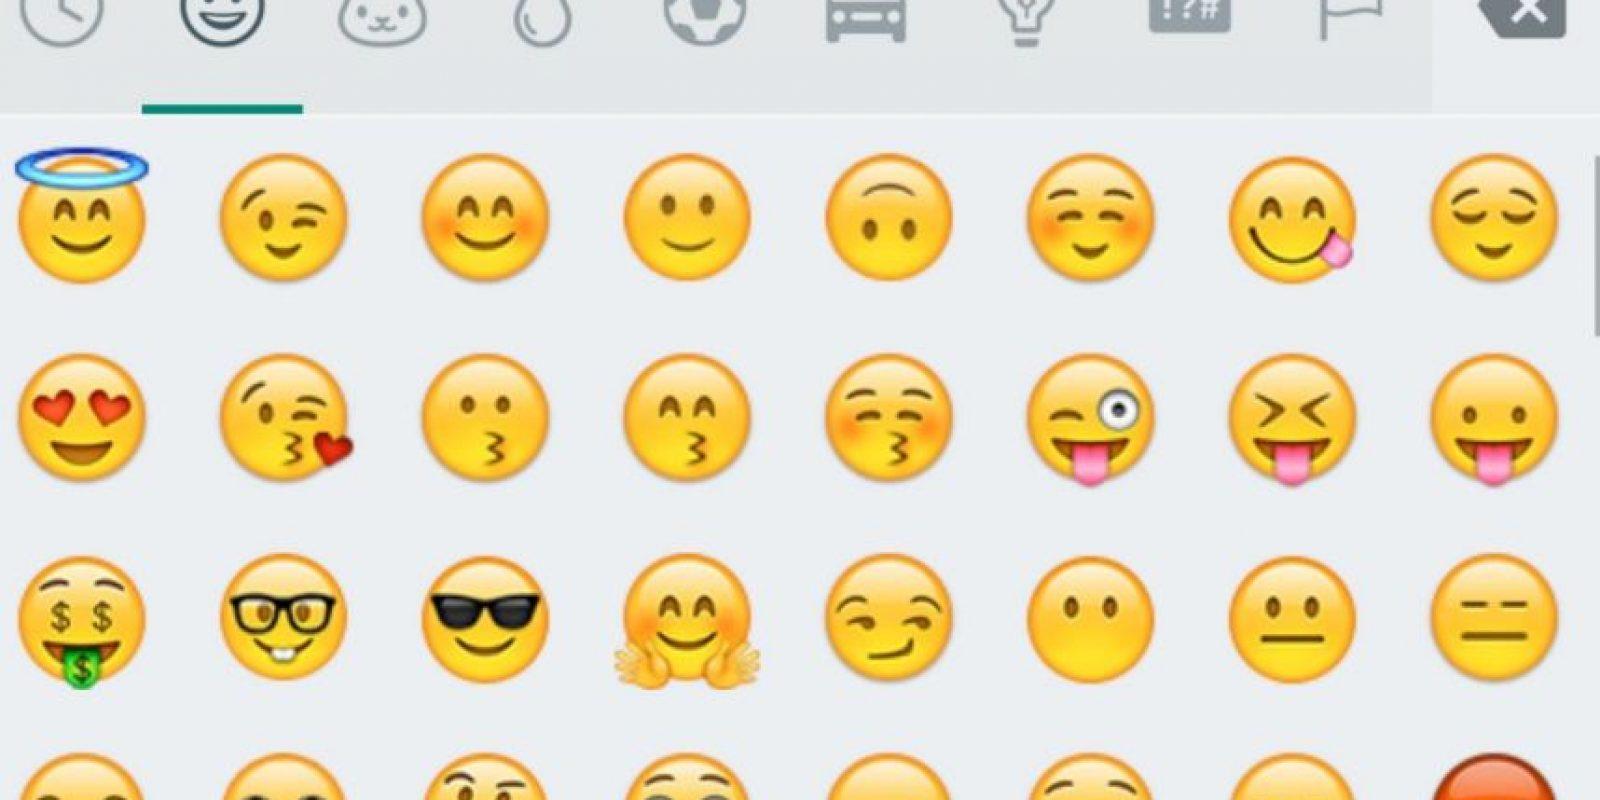 Nuevos emojis estarán disponibles en WhatsApp para Android. Foto:WhatsApp